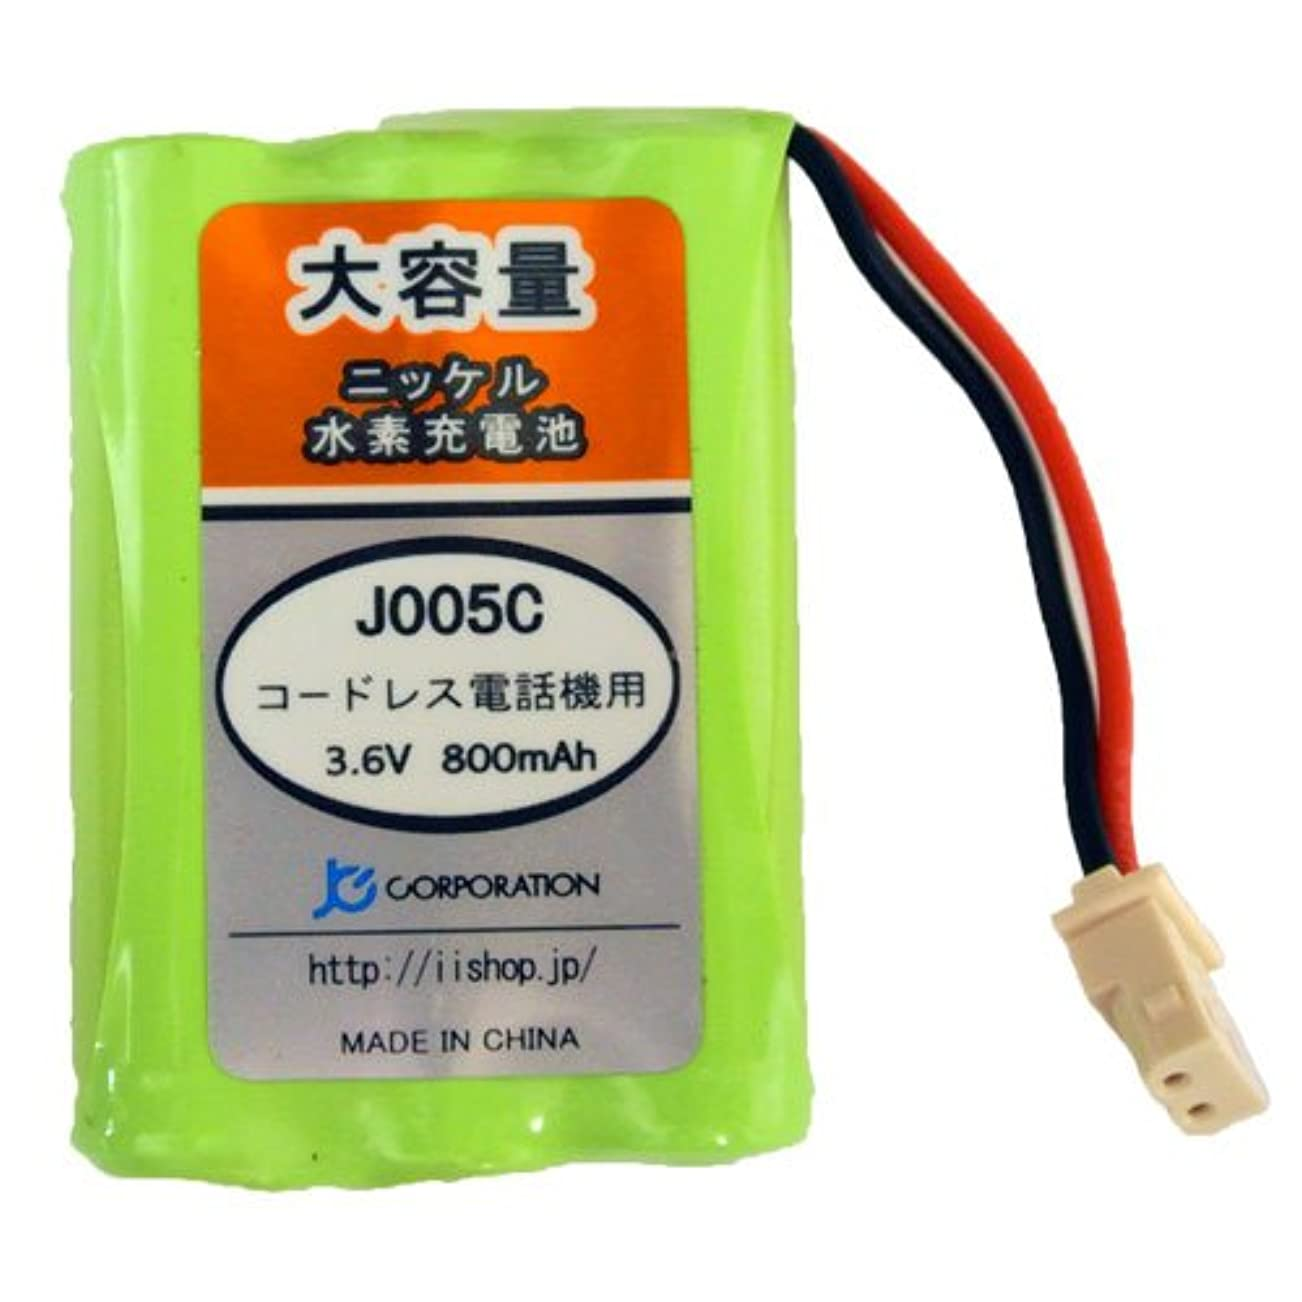 座標通りフィドル【JC】 NTT 電池パック CT-098 対応 ニッケル水素 互換電池 【J005C】